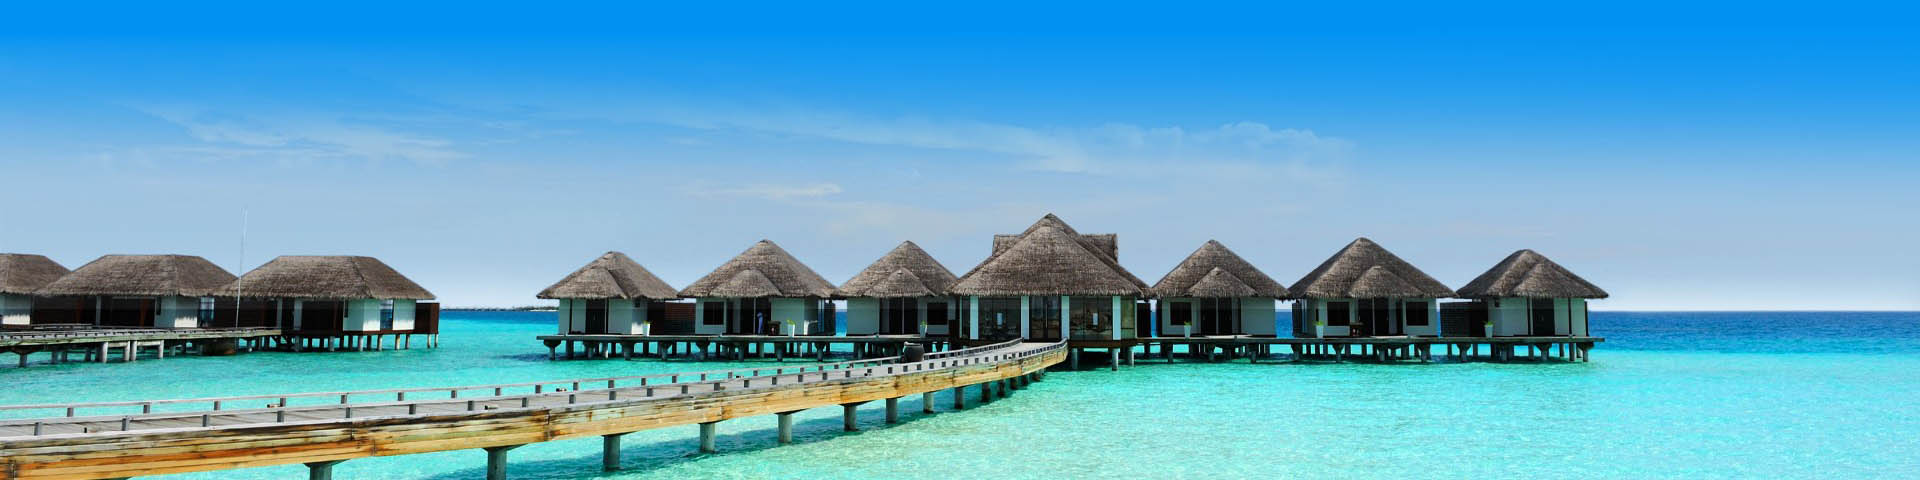 Waterbungalows aan een stijger gelegen in de helderblauwe zee van de Malediven